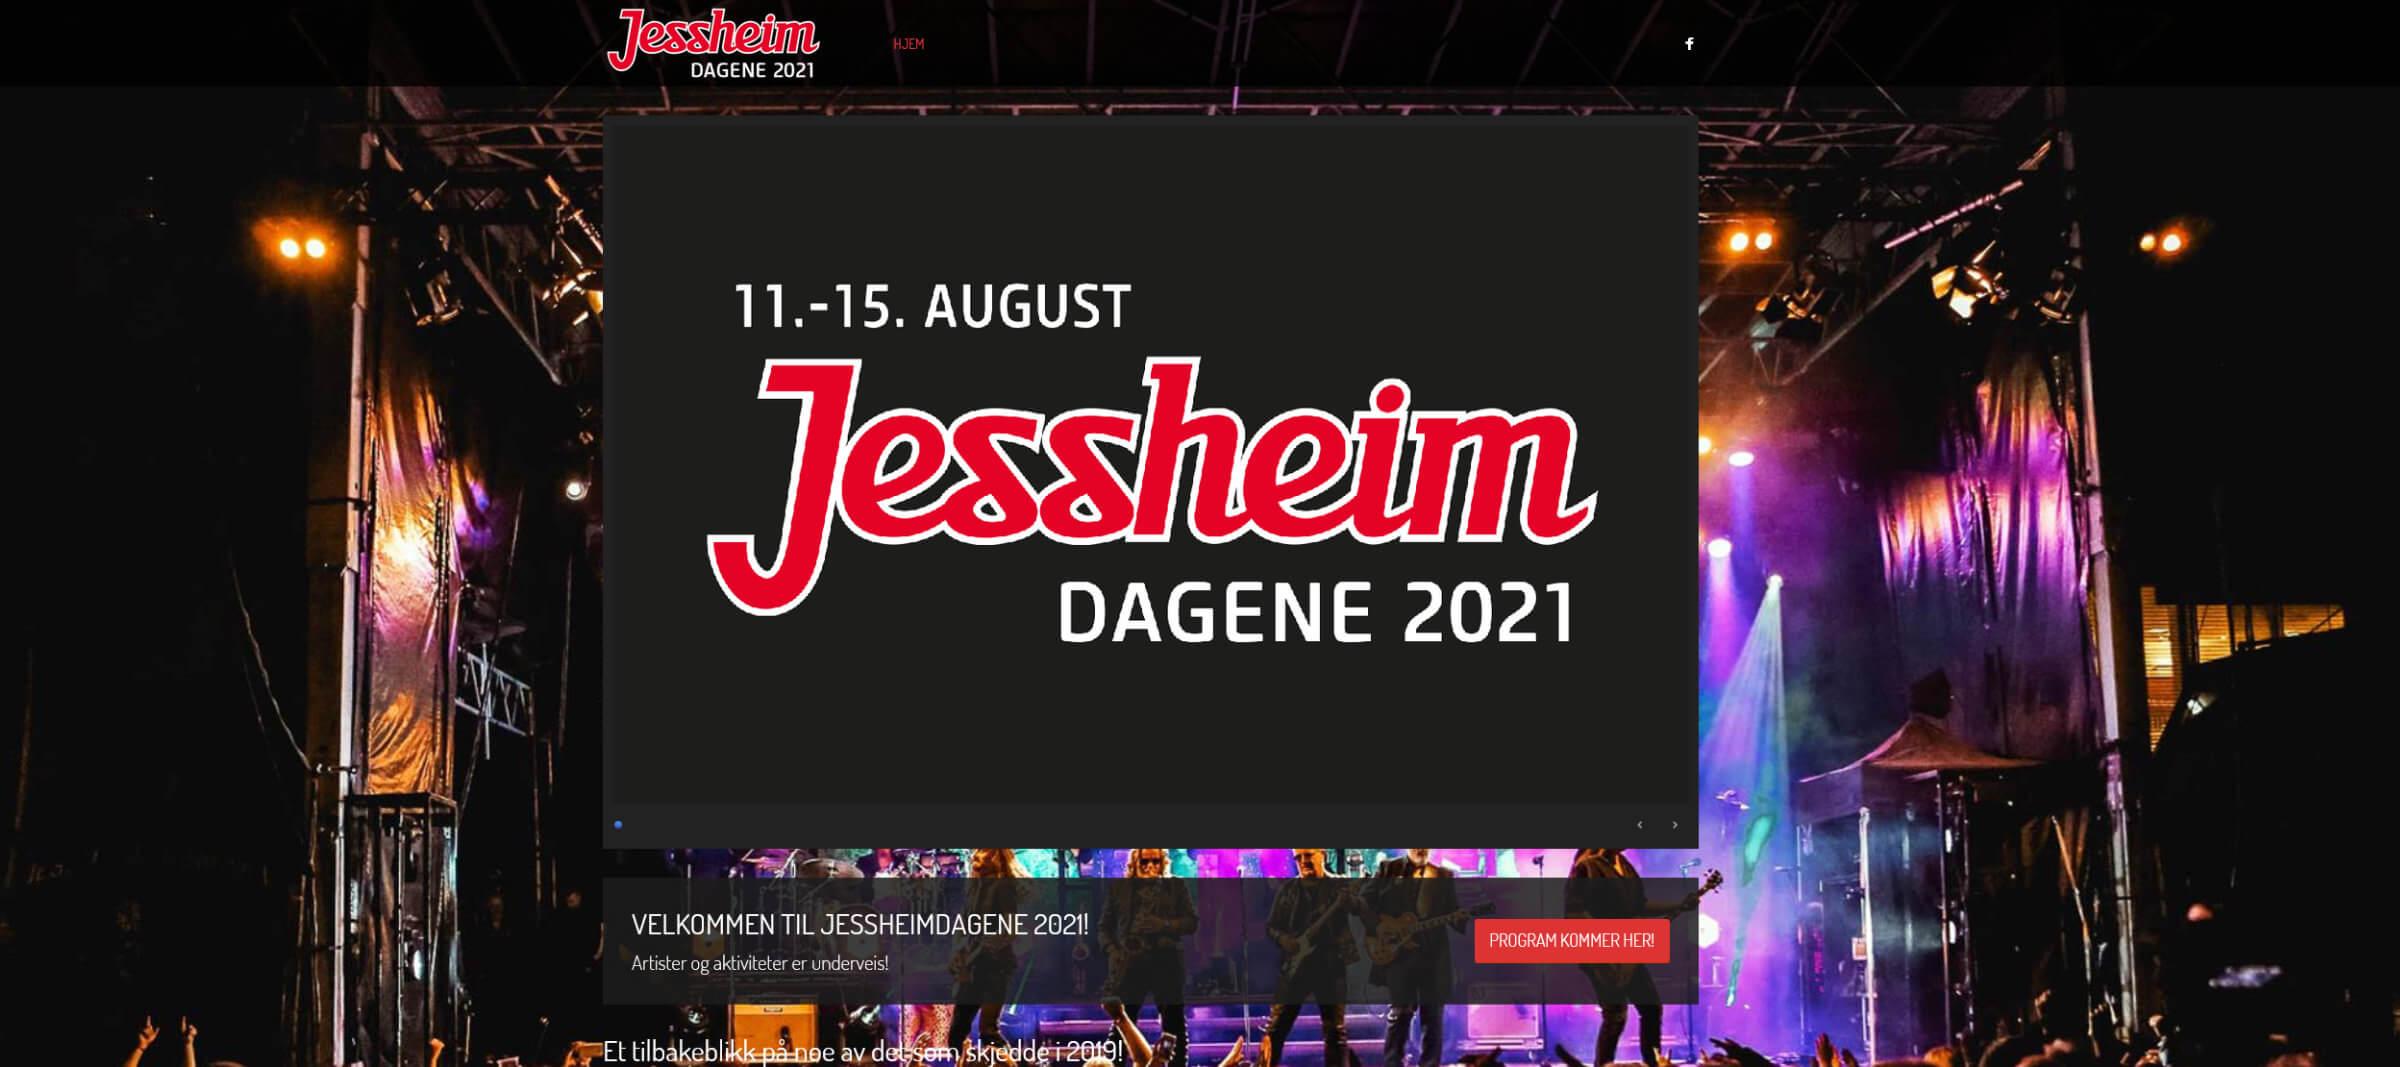 Jessheimdagene